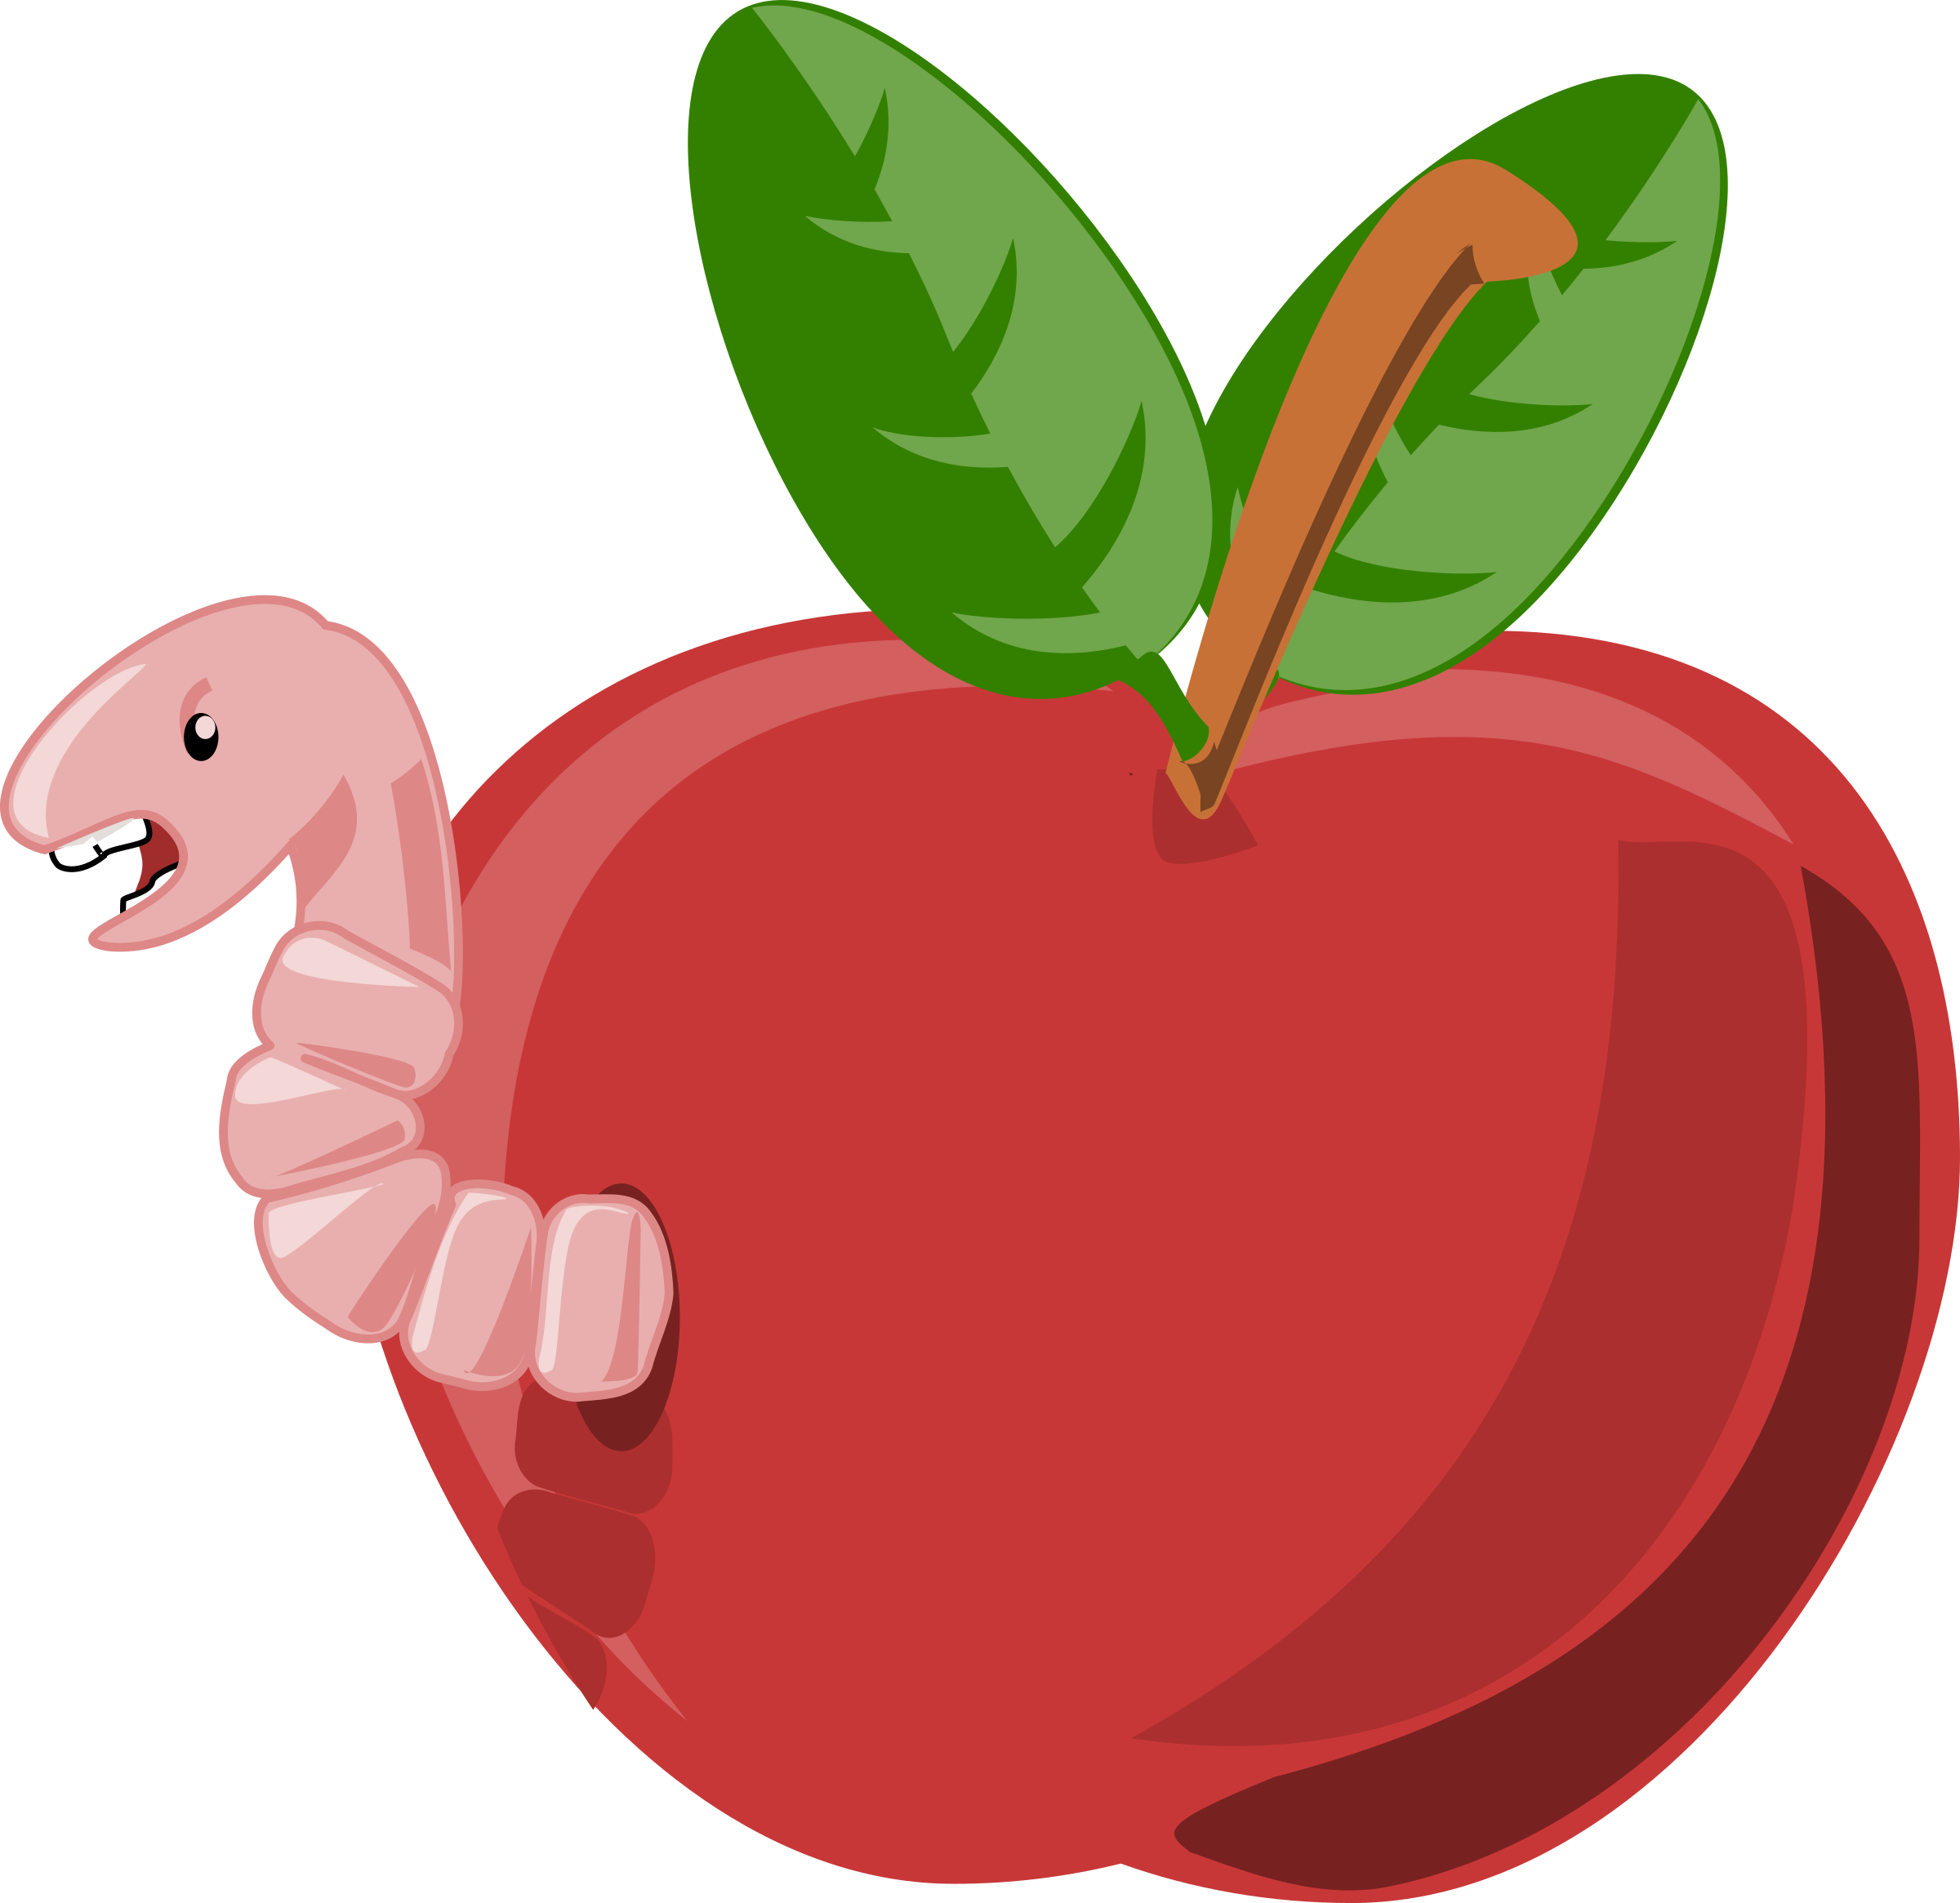 Apple Inc. clipart cartoon Apple cartoon worm with Clipart